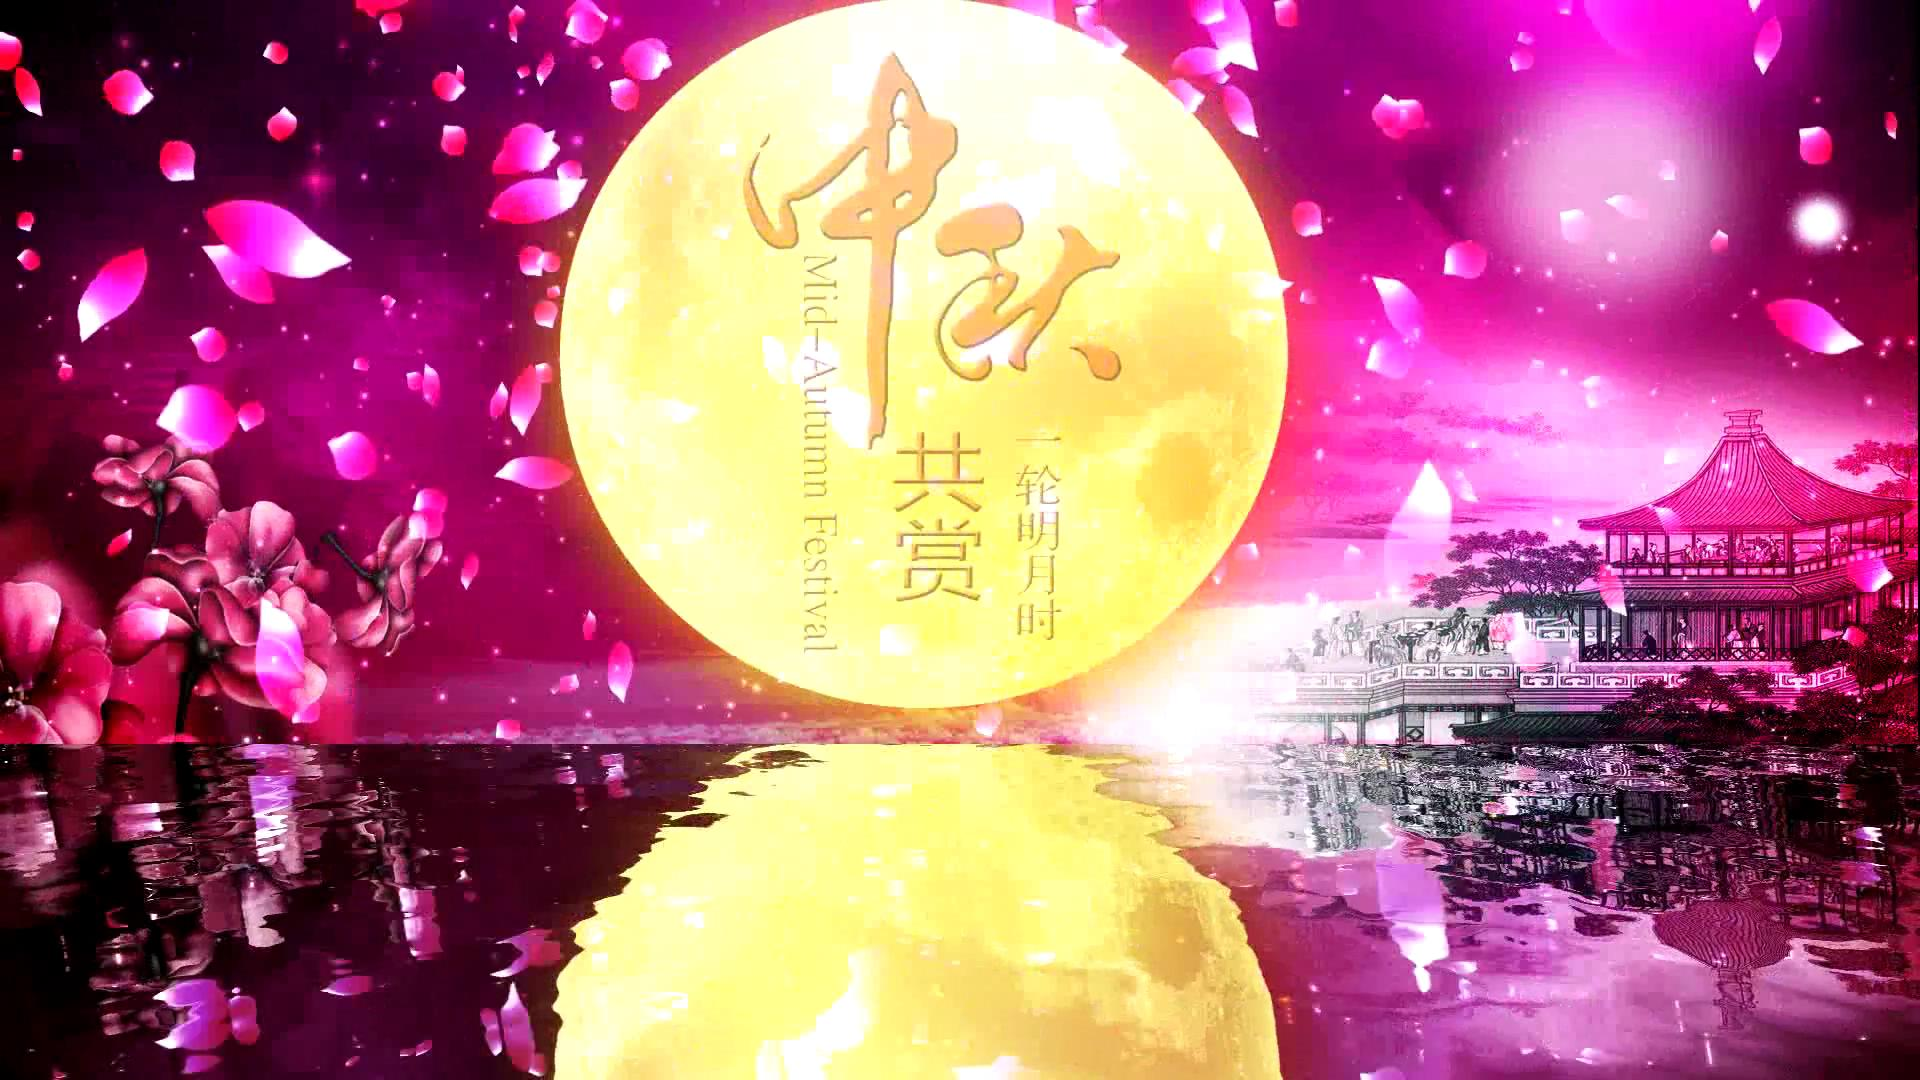 中秋节视频视频素材_中秋节视频模板下载_中秋节视频